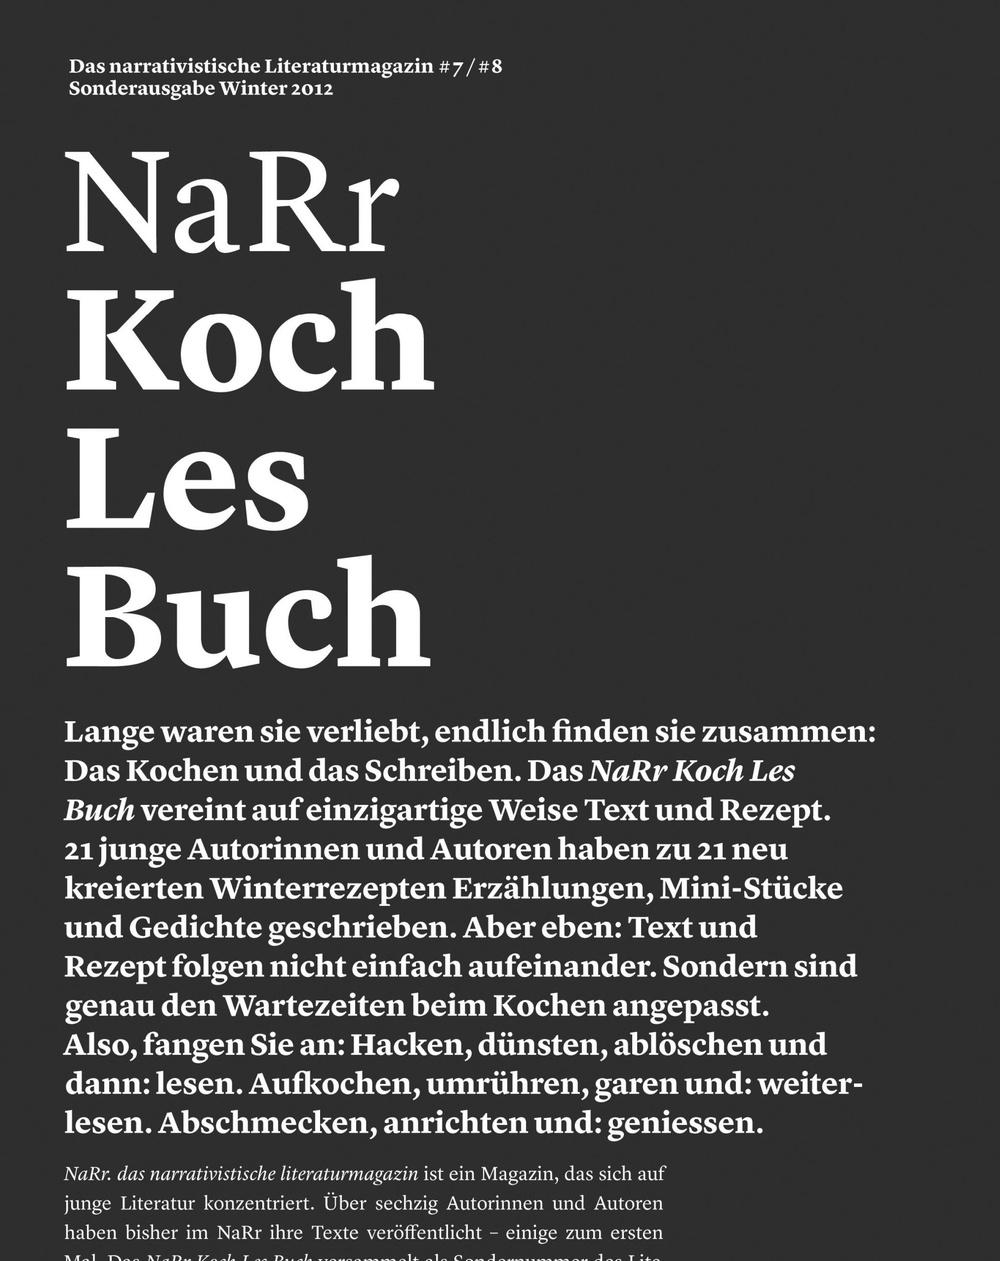 Narr_Kochbuch_Cover.jpg